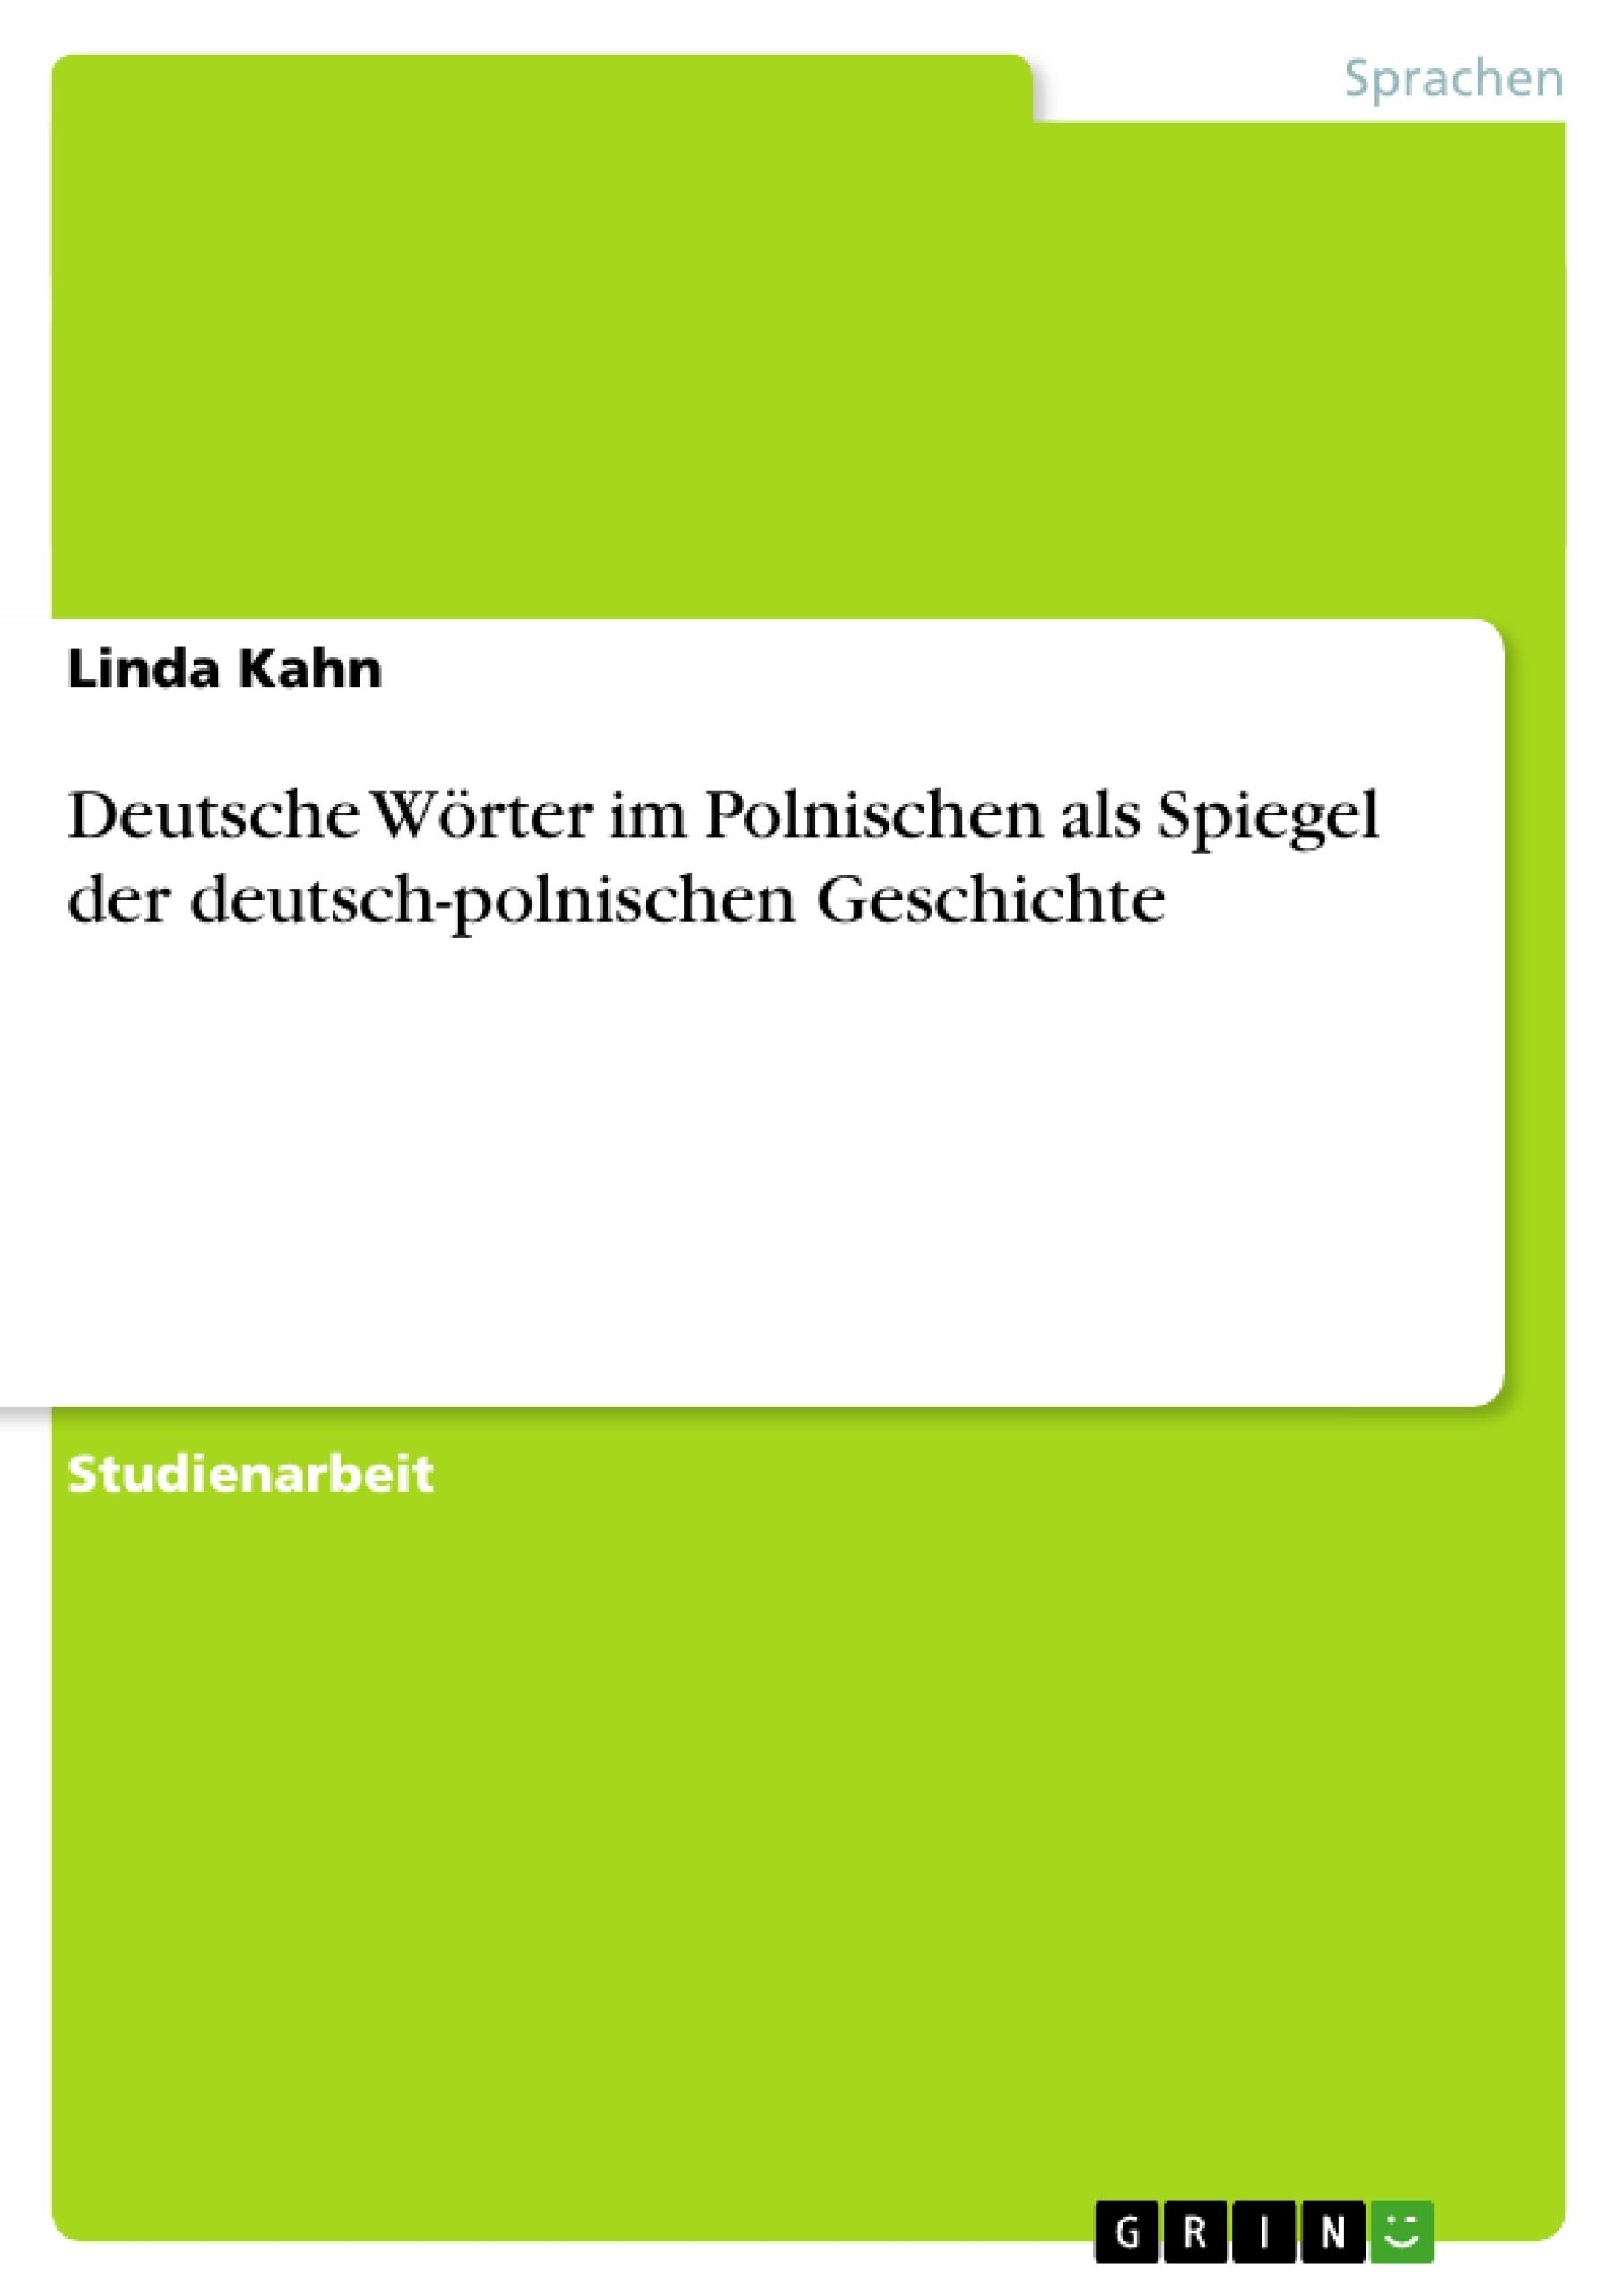 Titel: Deutsche Wörter im Polnischen als Spiegel der deutsch-polnischen Geschichte